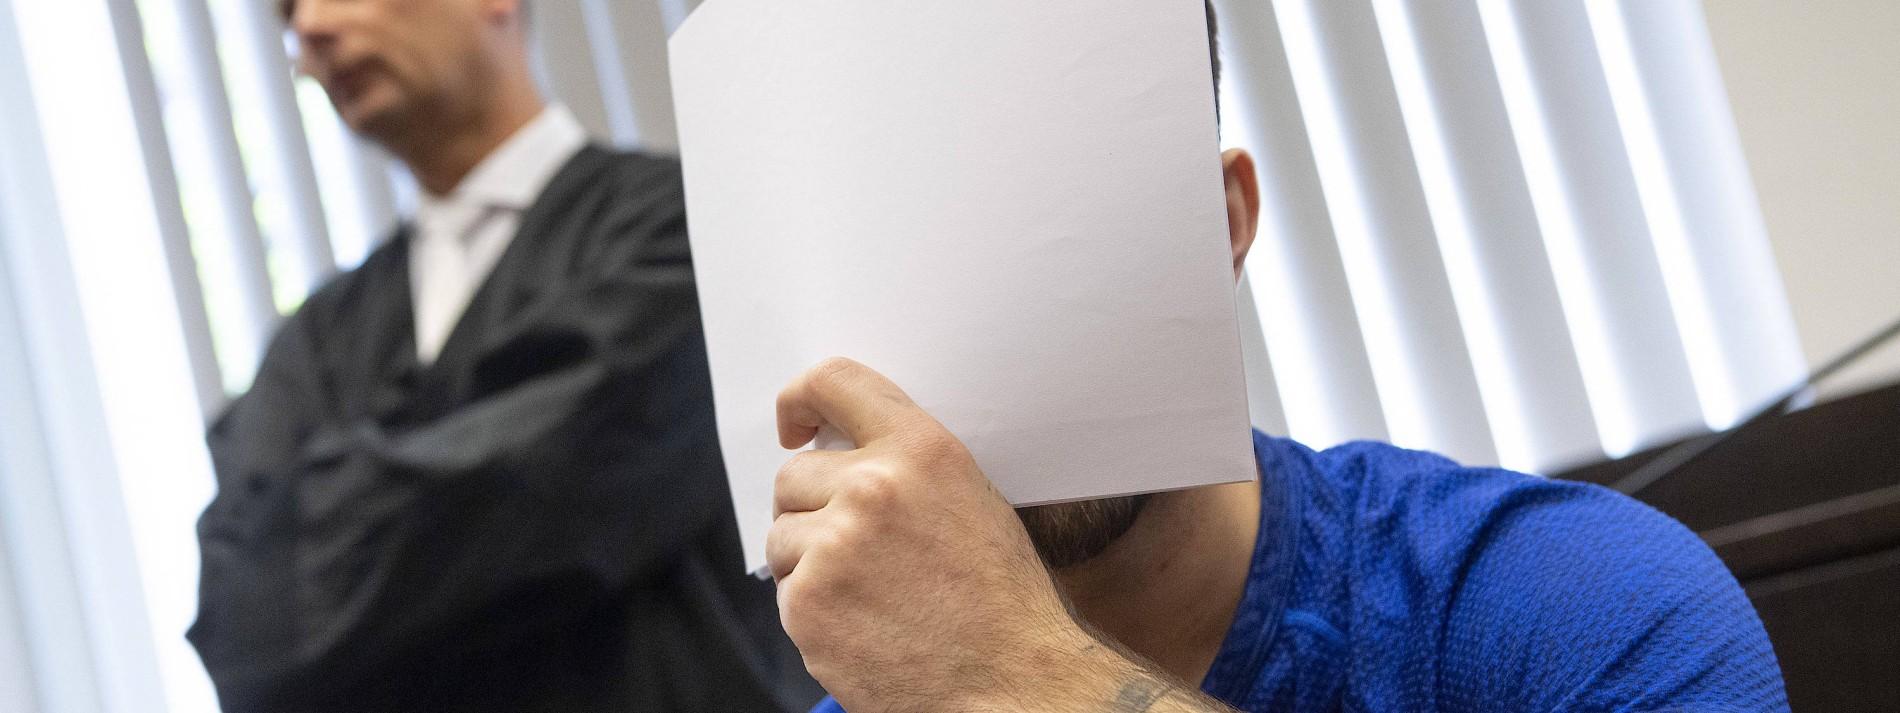 Bundesgerichtshof bestätigt Urteil im Mordfall Susanna